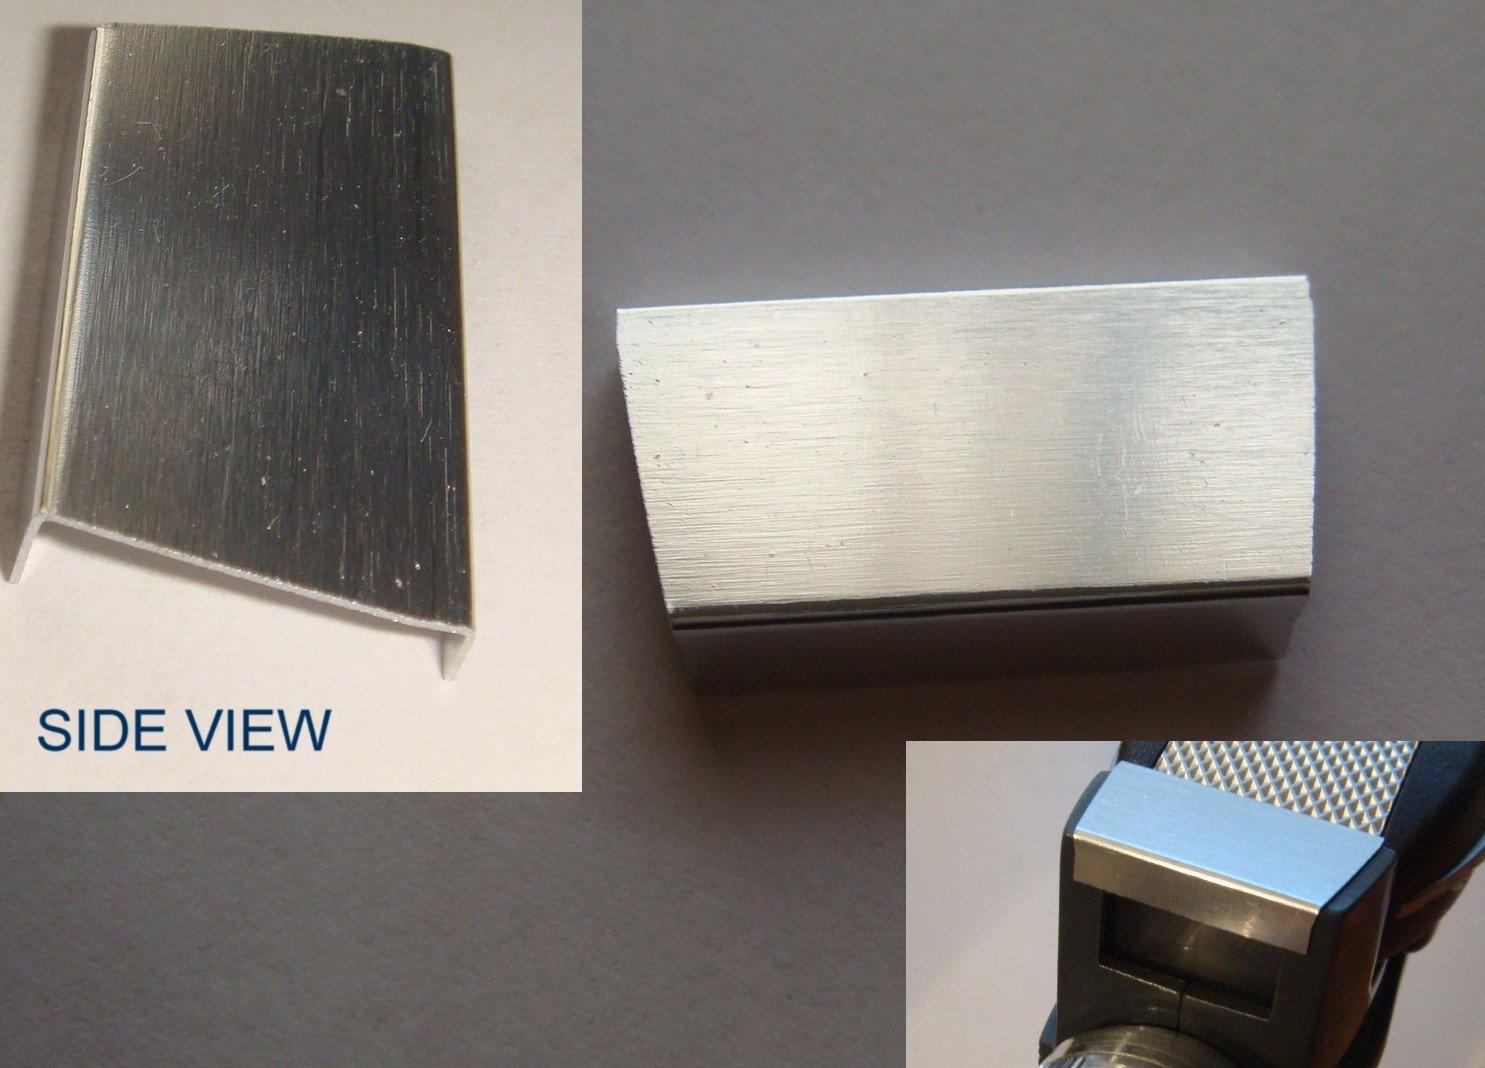 ART ASYLUM / DIAMOND SELECT STAR TREK TOS PHASER METAL TOP PLATE / PARTS